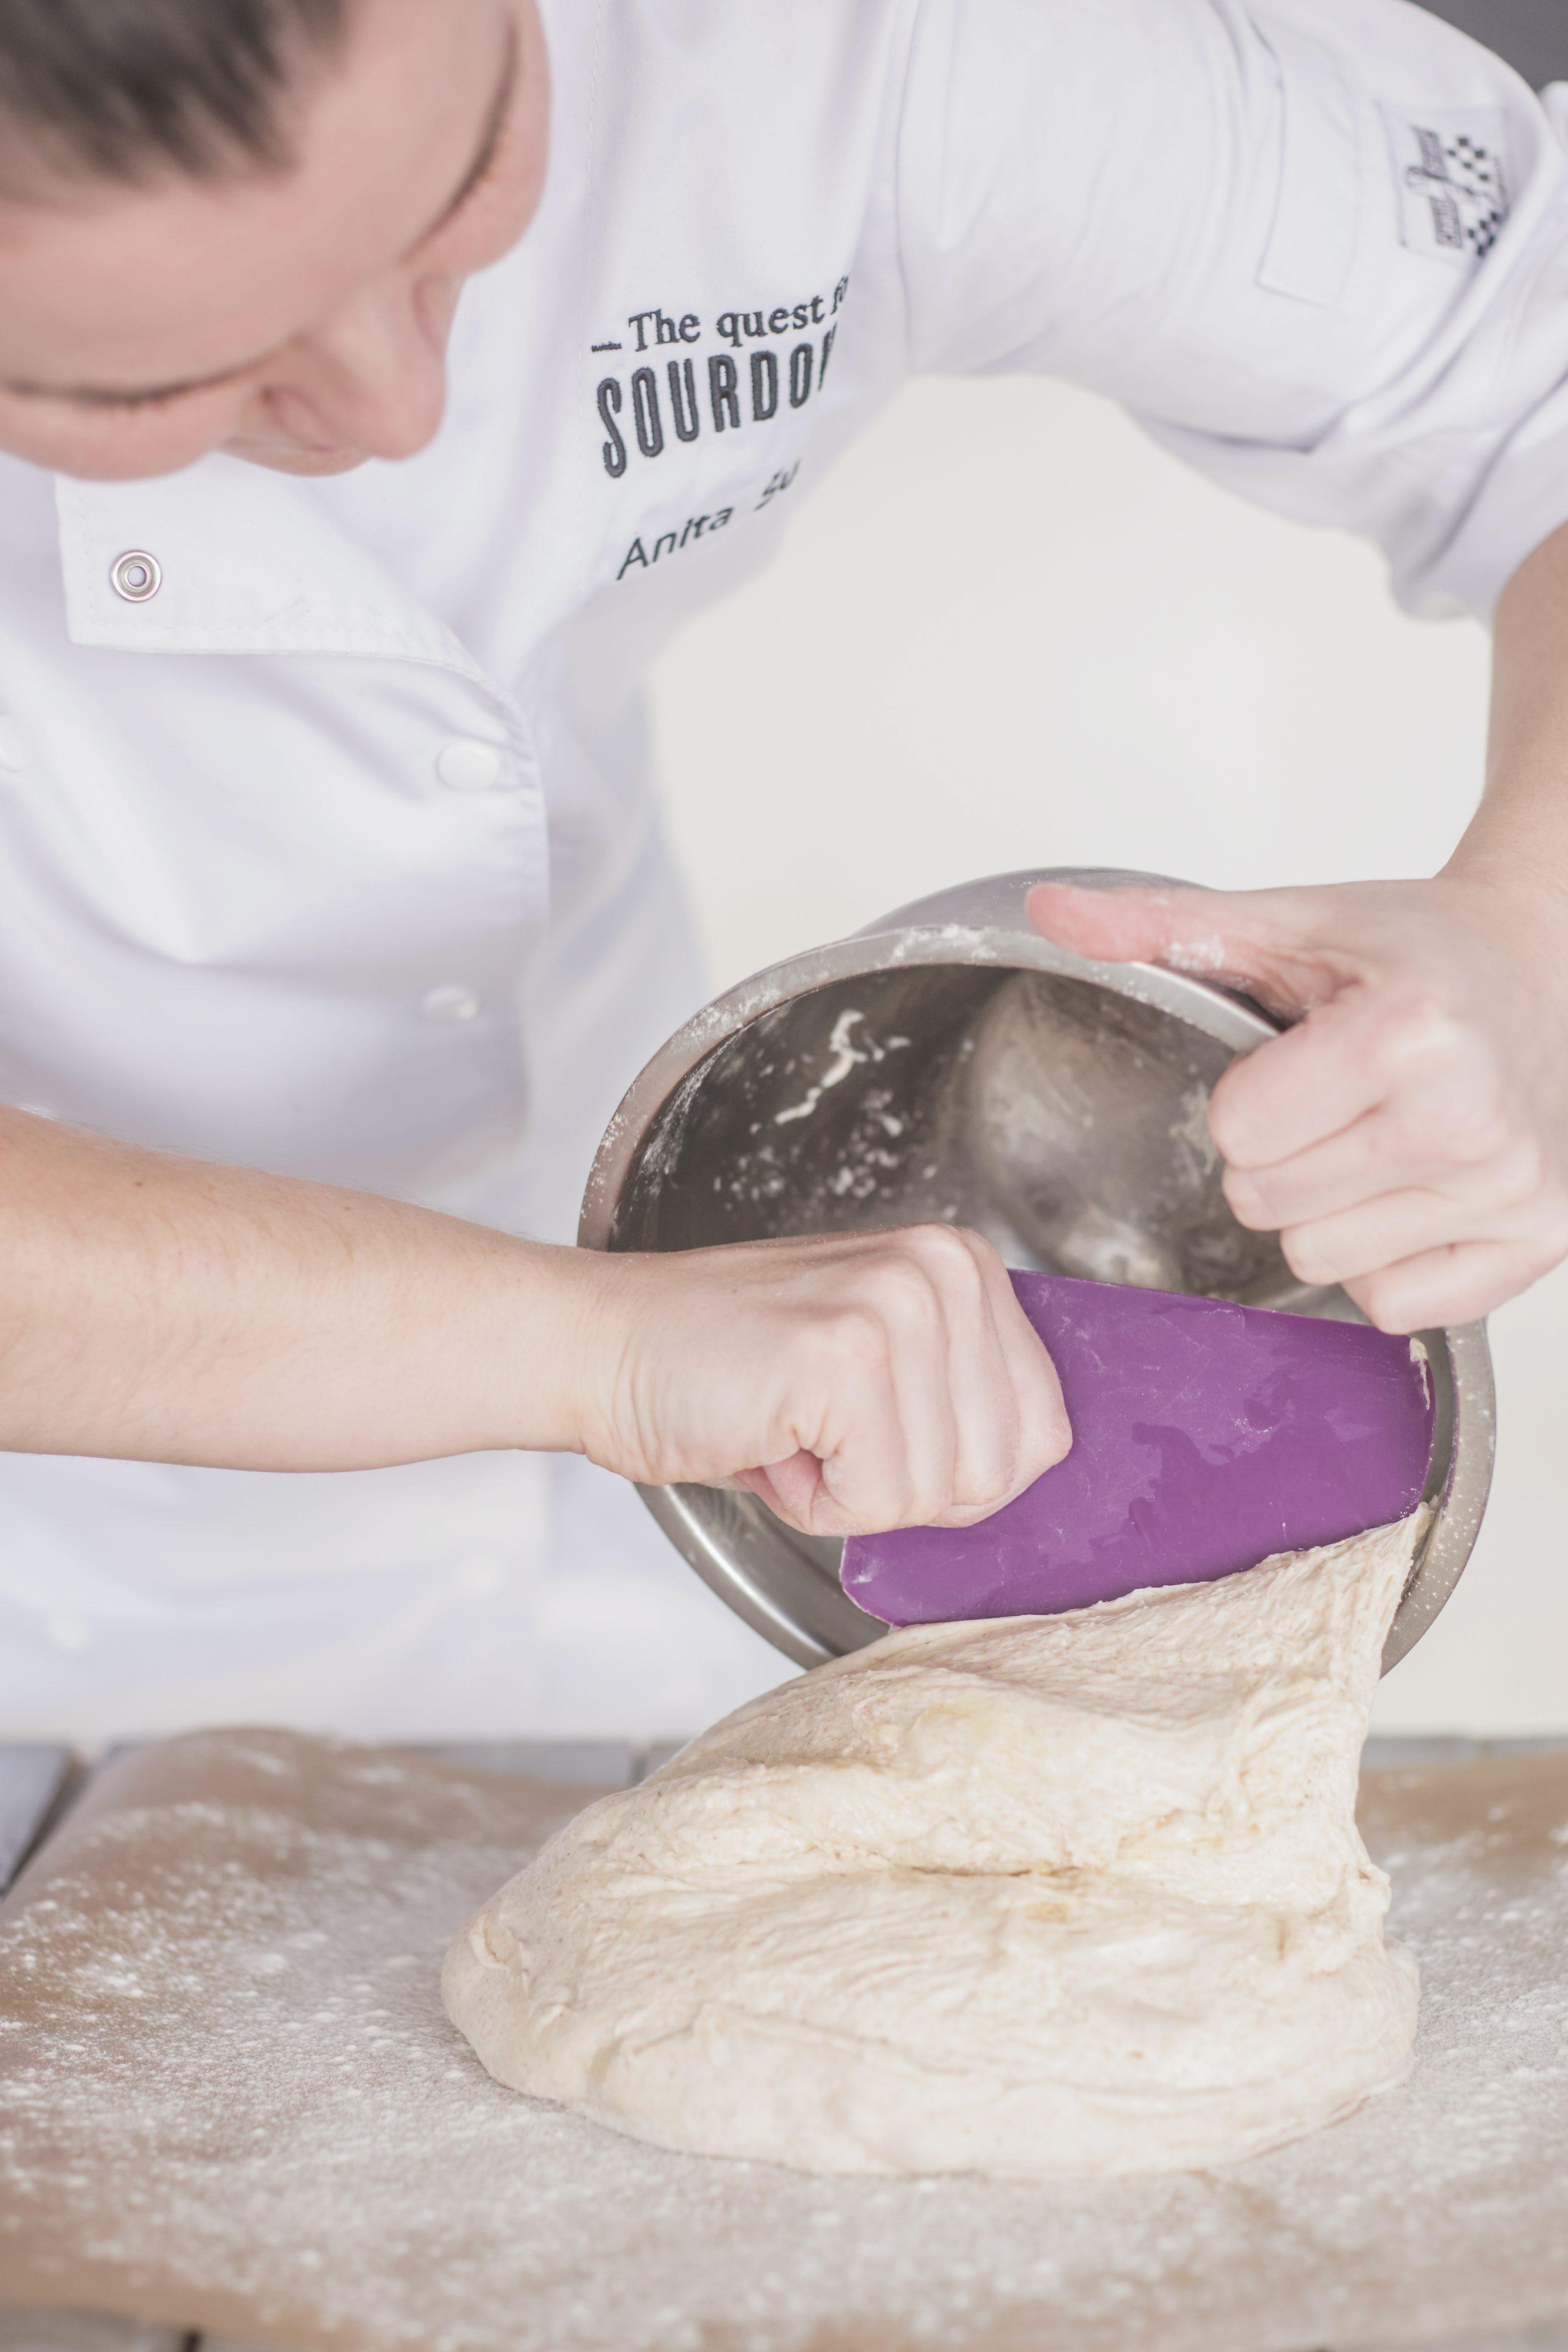 Slovenj Gradec, 240118.  Anita Sumer iz Slovenj Gradeca u Sloveniji uspjesna je pekarica i bavi se pekarskim proizvodima od kiselog tijesta. Foto: Neja Markicevic / CROPIX